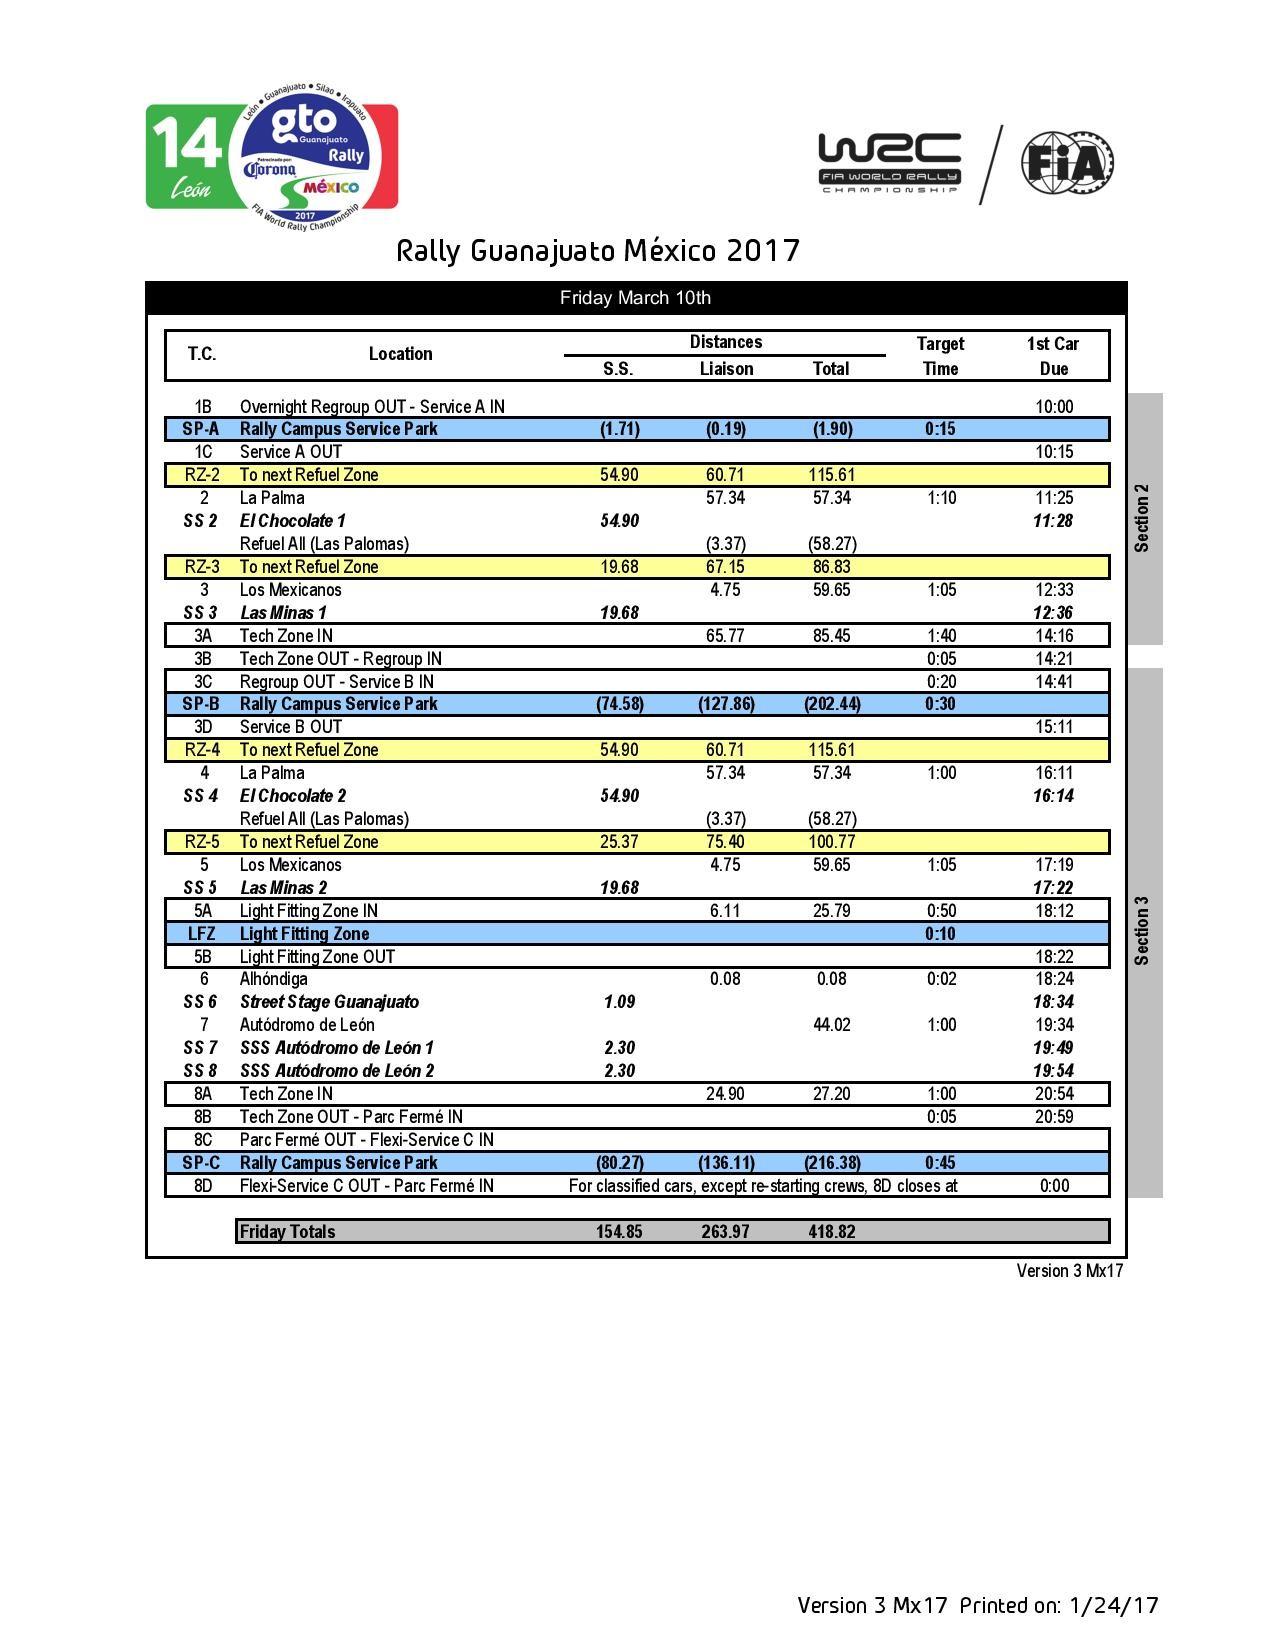 ItineraryMx17 V3 page 002